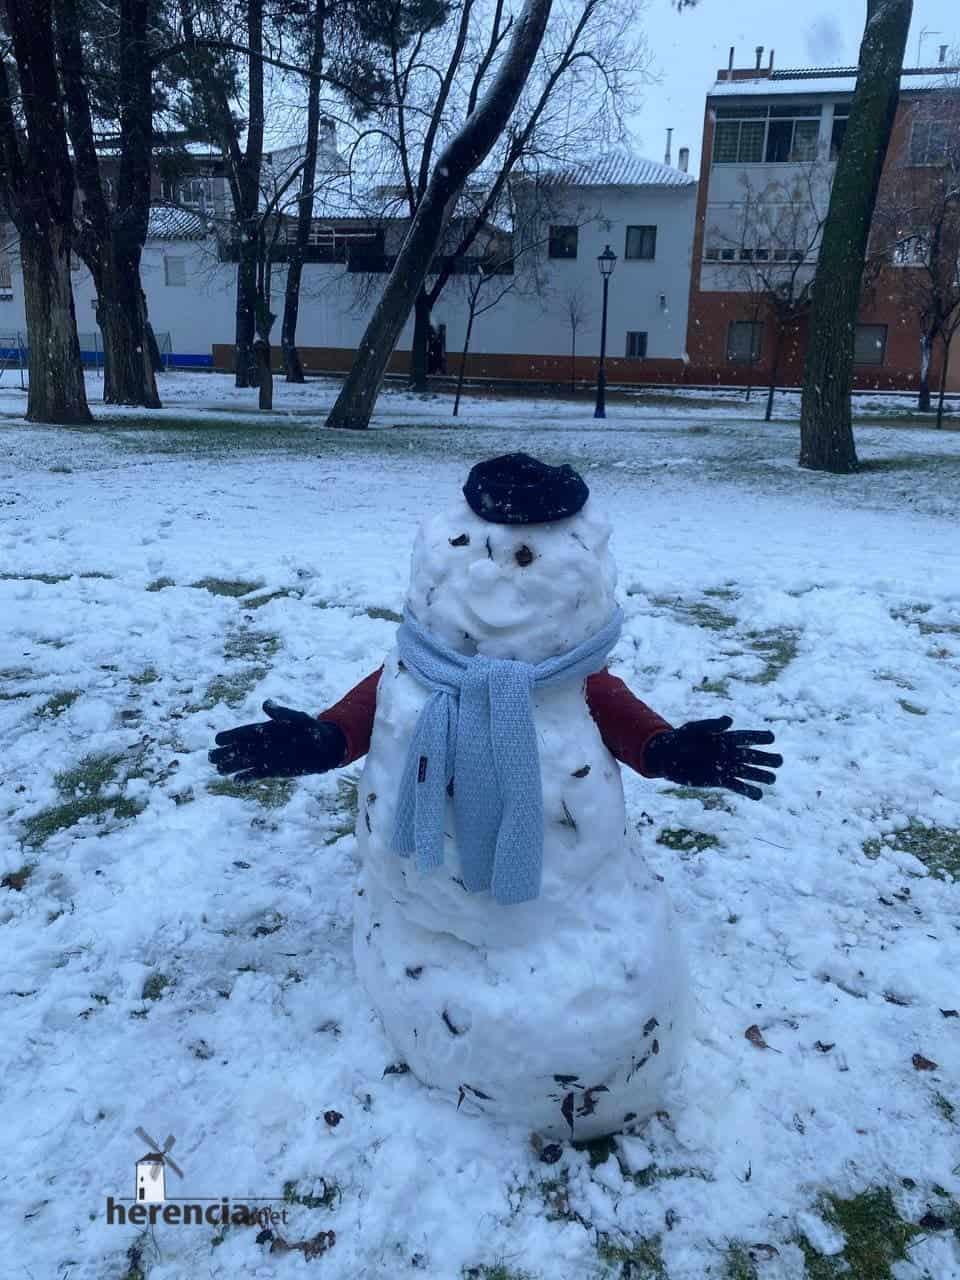 Fotografías de la nevada en Herencia (Ciudad Real) 54